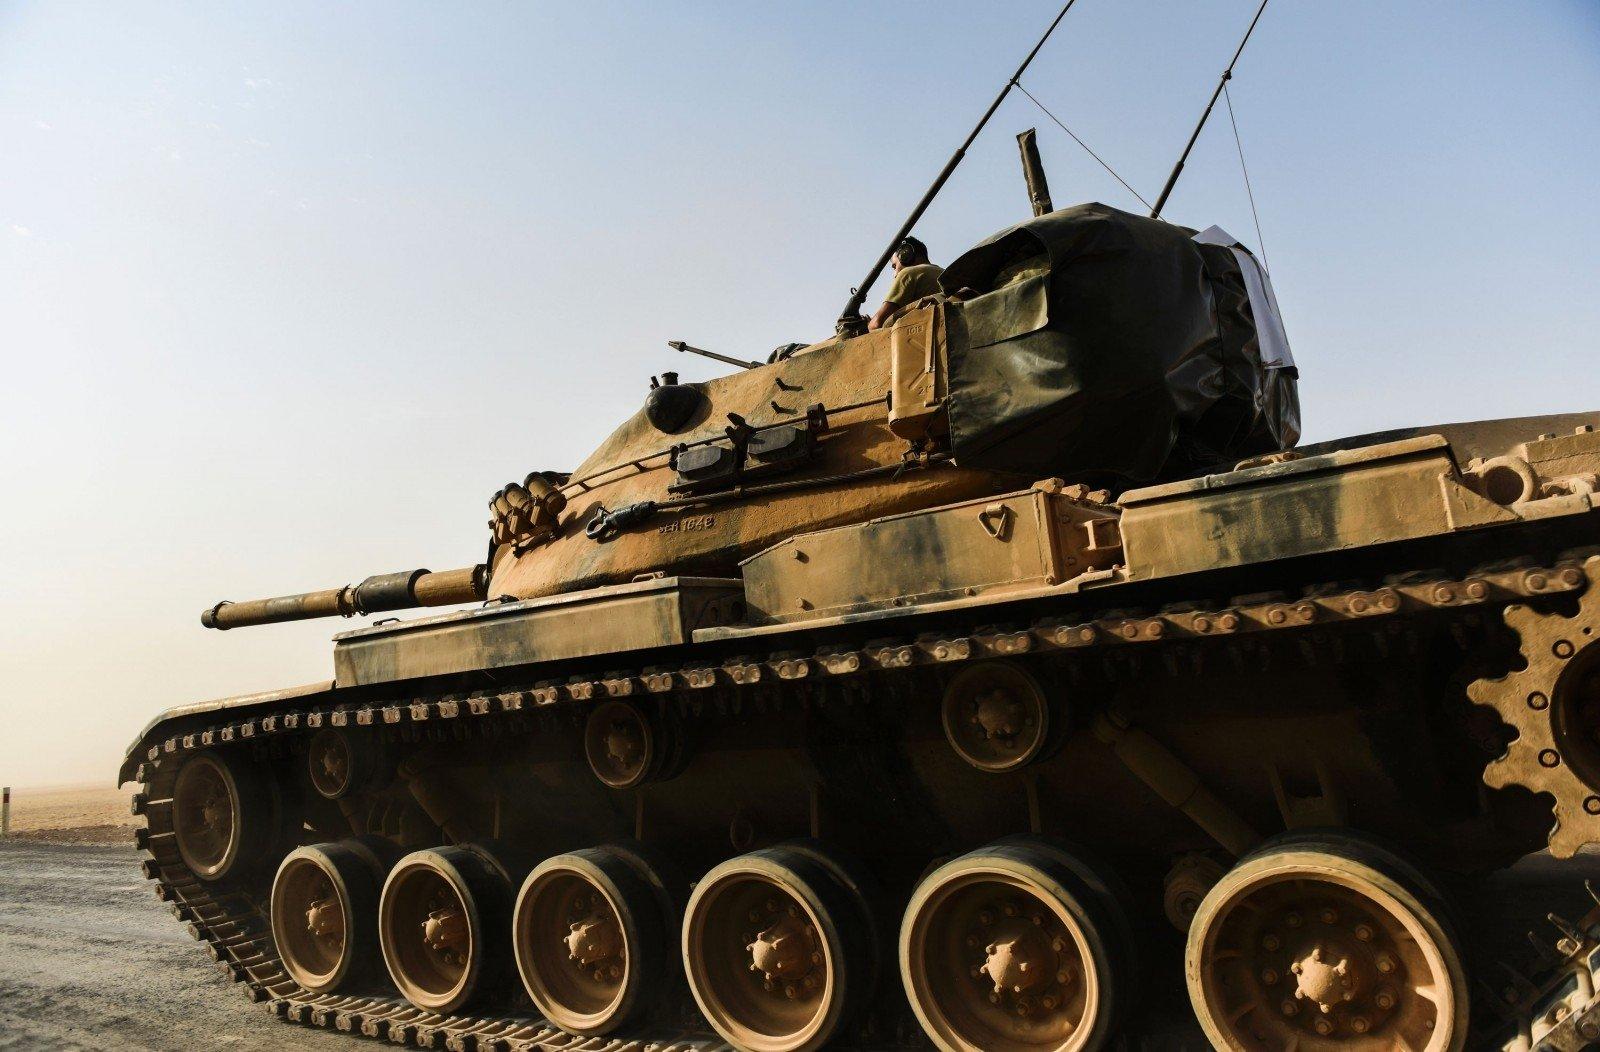 СтолицуРФ встревожила военная операция Турции вСирии